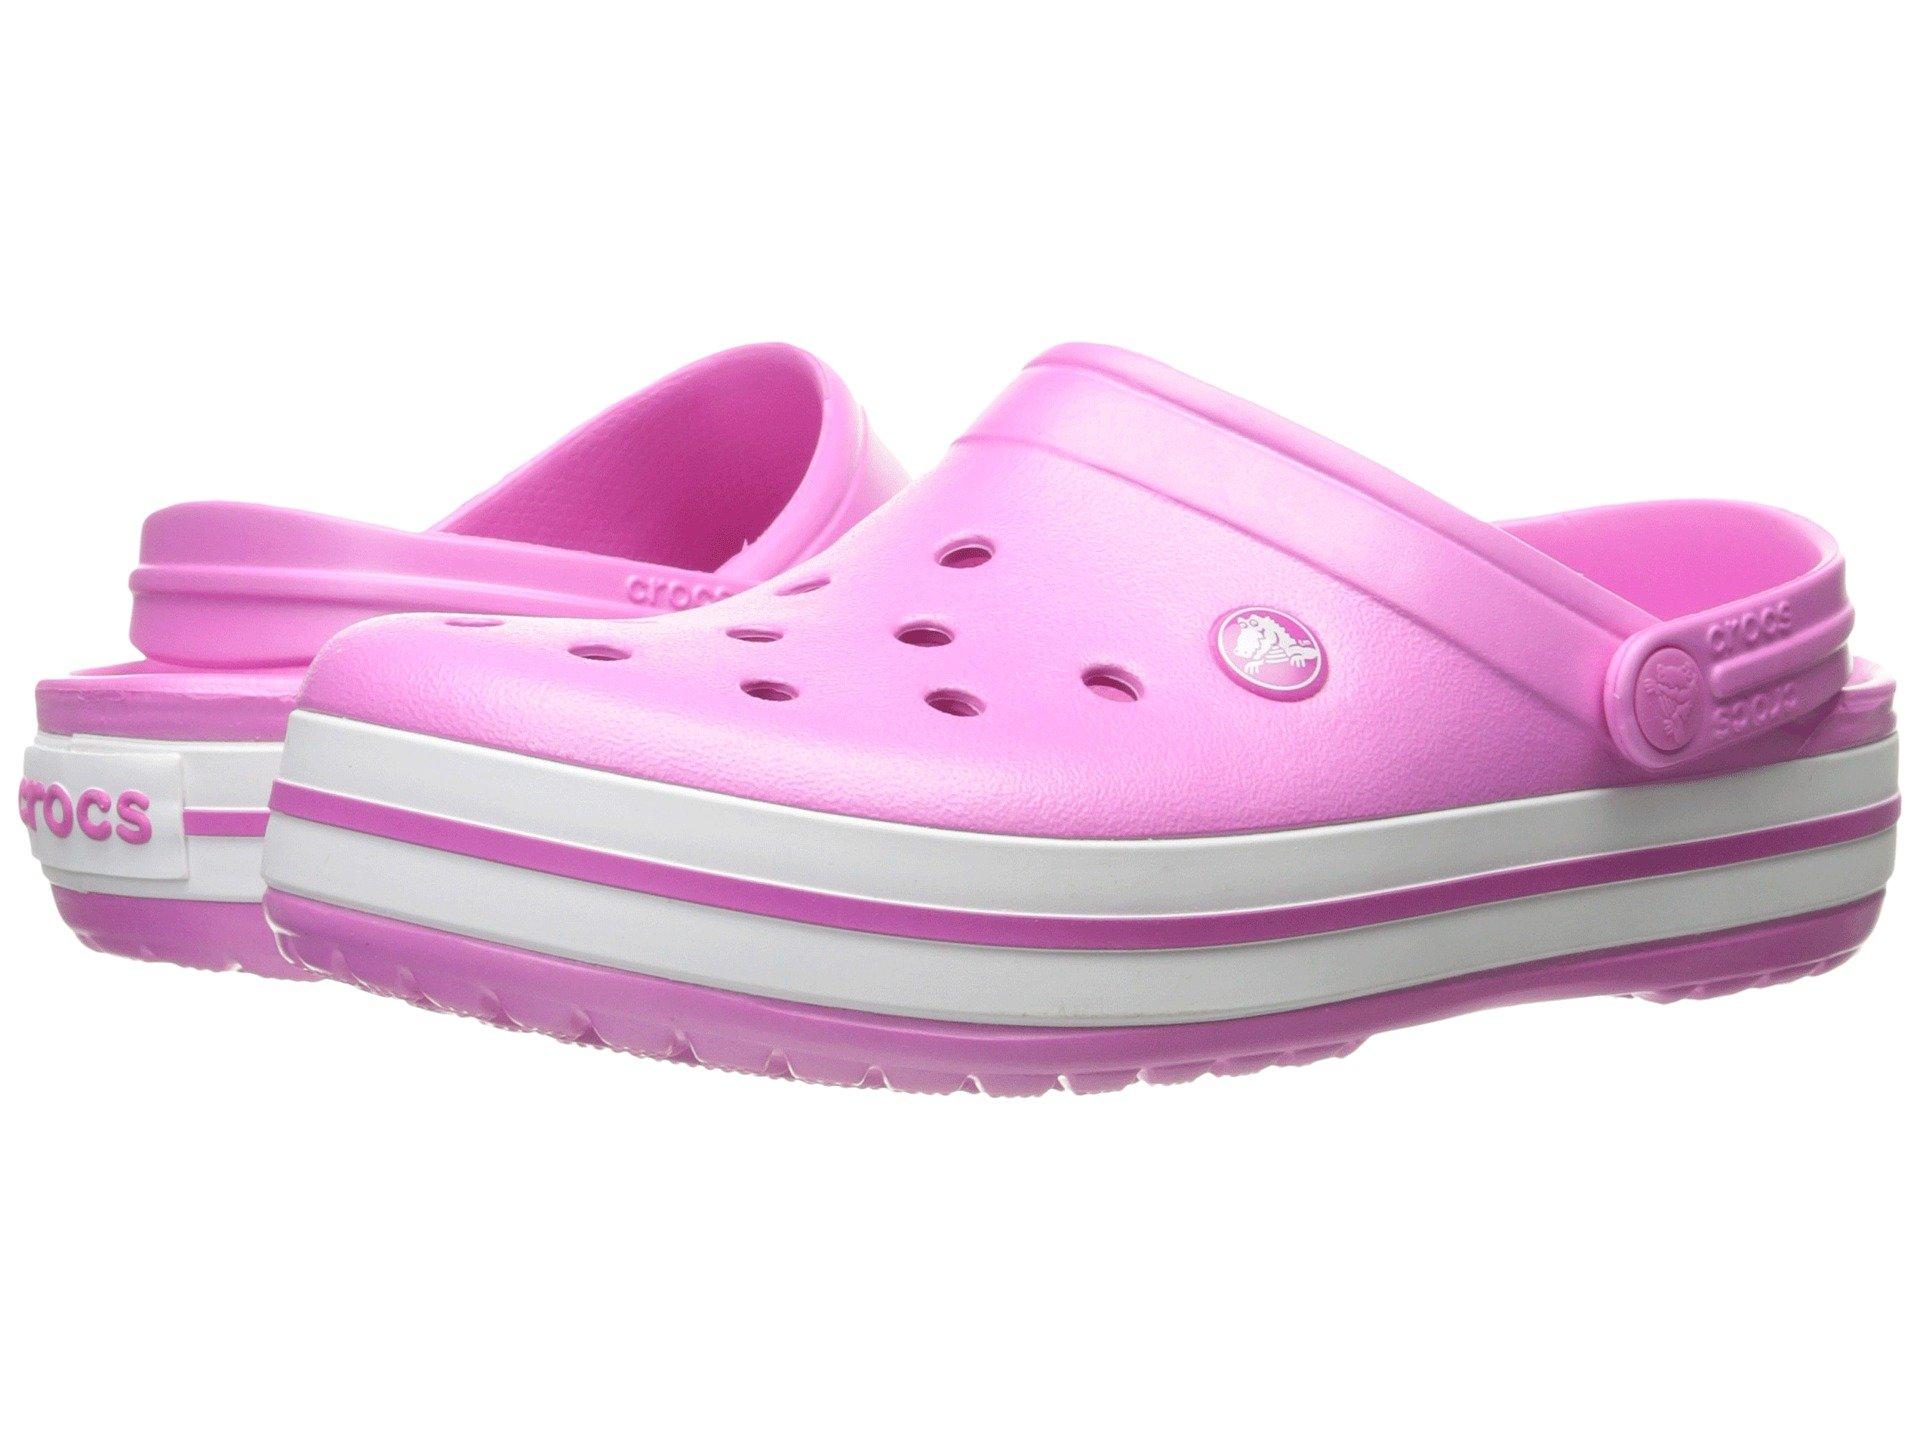 Zuecos para Mujer Crocs Crocband  + Crocs en VeoyCompro.net